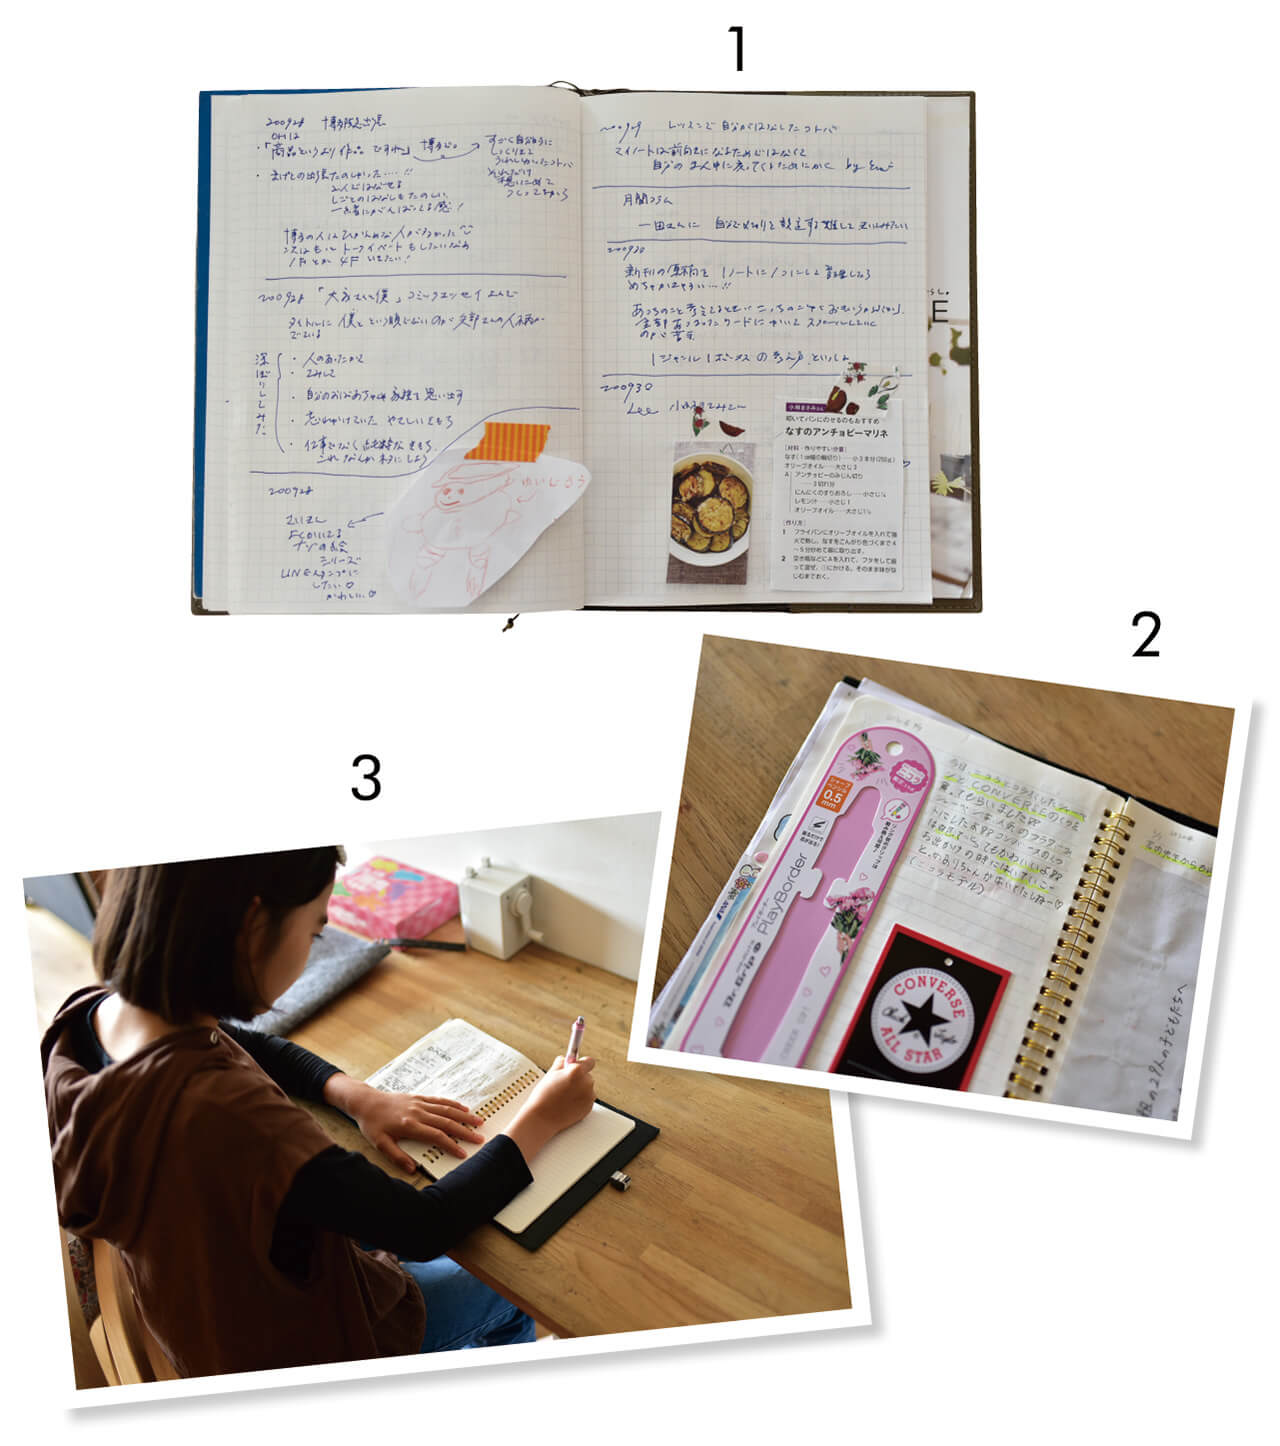 ❶Emiさんのマイノートを公開! 出張中の記録や作りたいレシピなど情報が盛りだくさん。❷・❸子どもたちも5歳のときからつけているマイノート。娘さんは購入したアイテムと、買い物できてうれしい気持ちも記して。